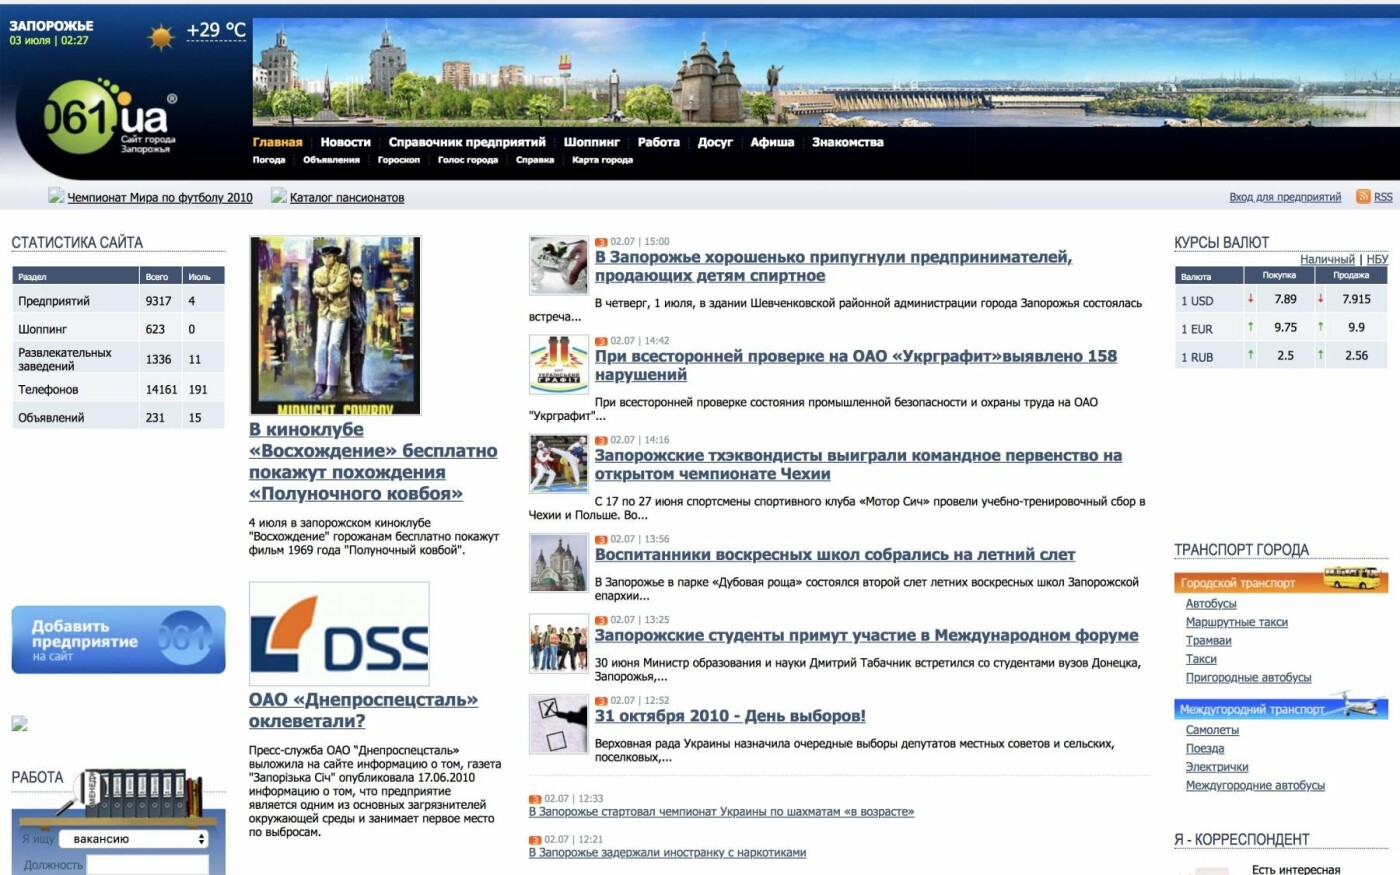 сайт города Запорожья